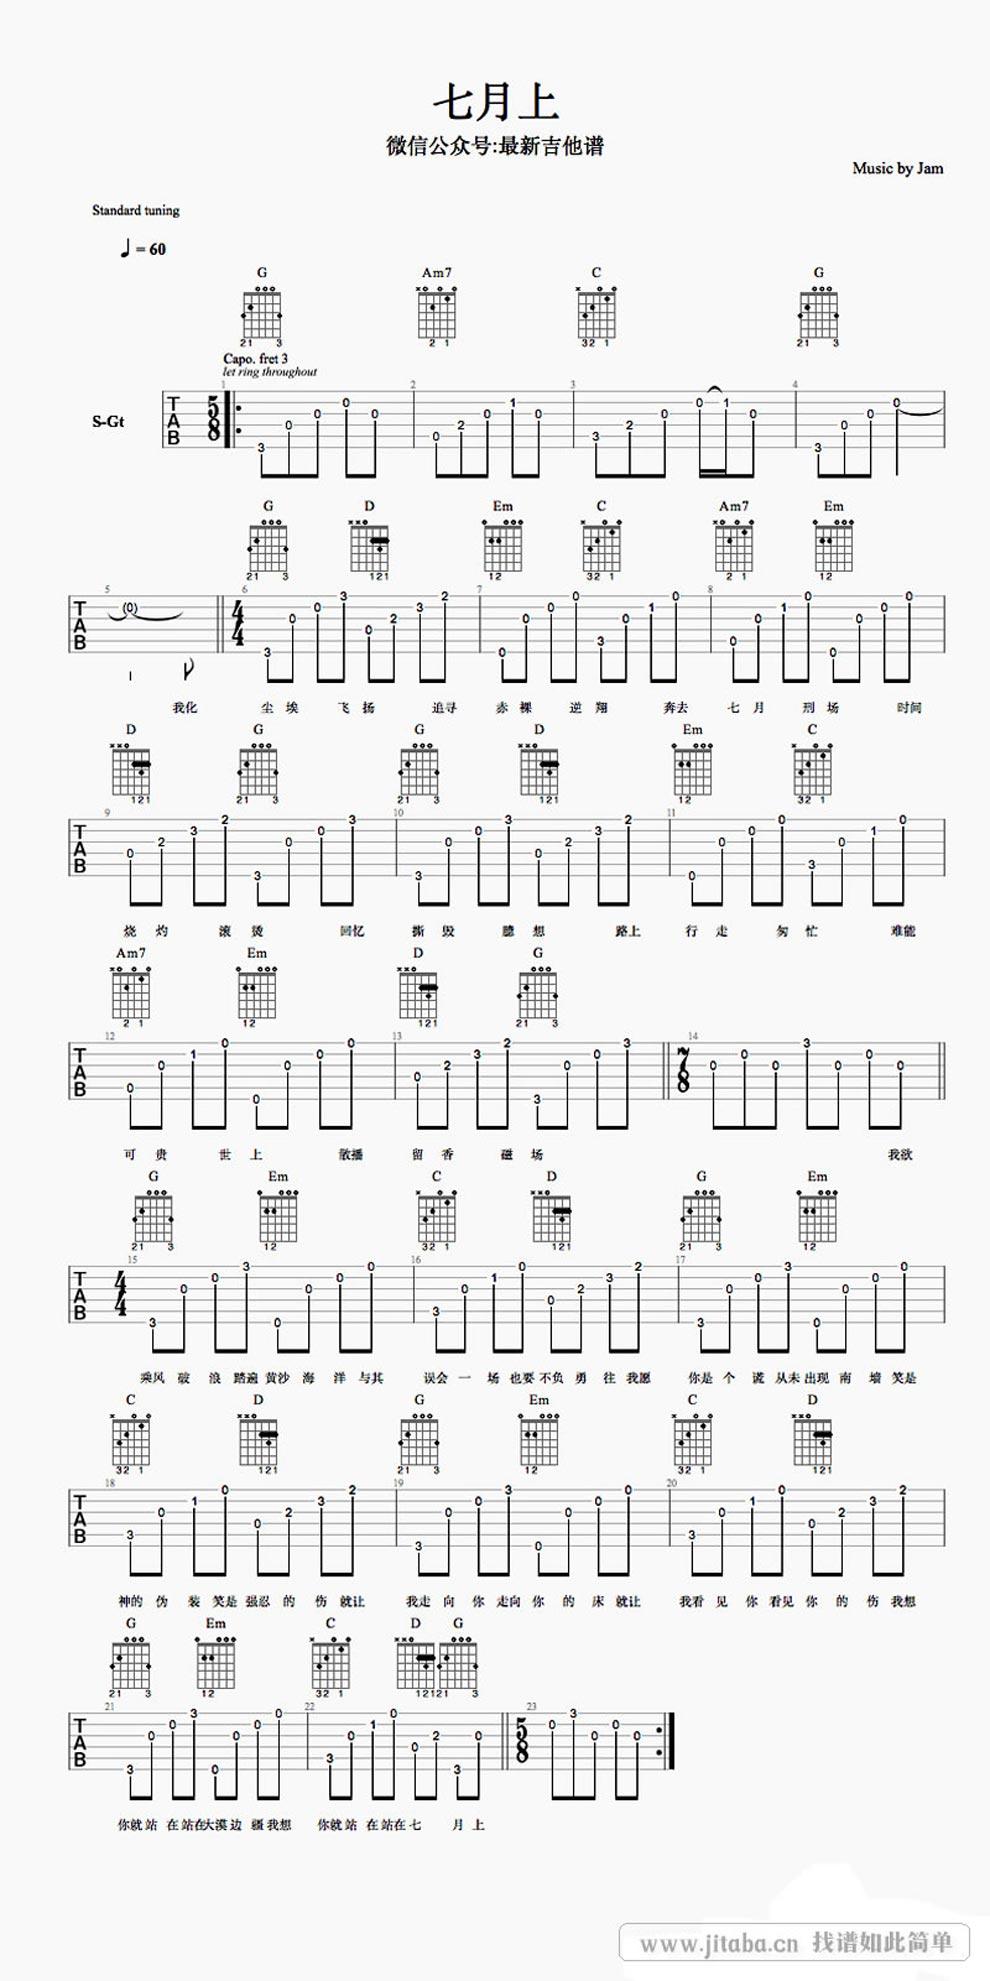 七月上吉他谱 jam六线图谱 吉他谱图片